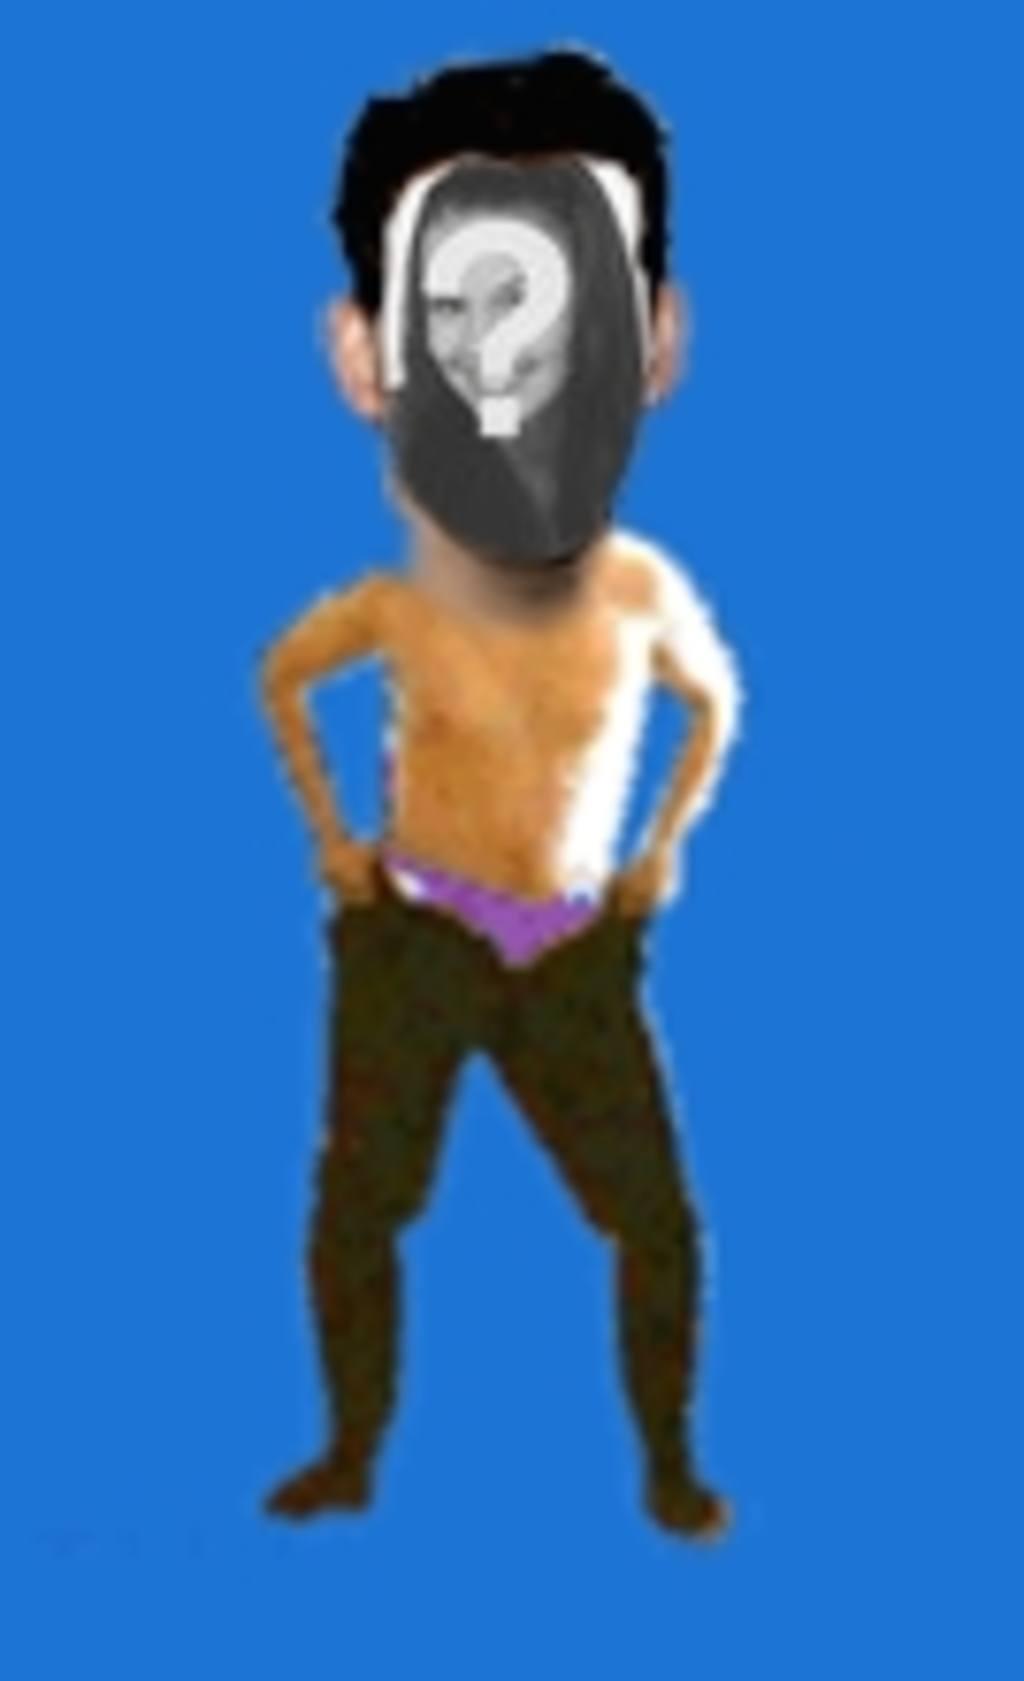 Fotomontaje animado en el que pones una cara al cuerpo de un chico bailando con pasión y sin camiseta